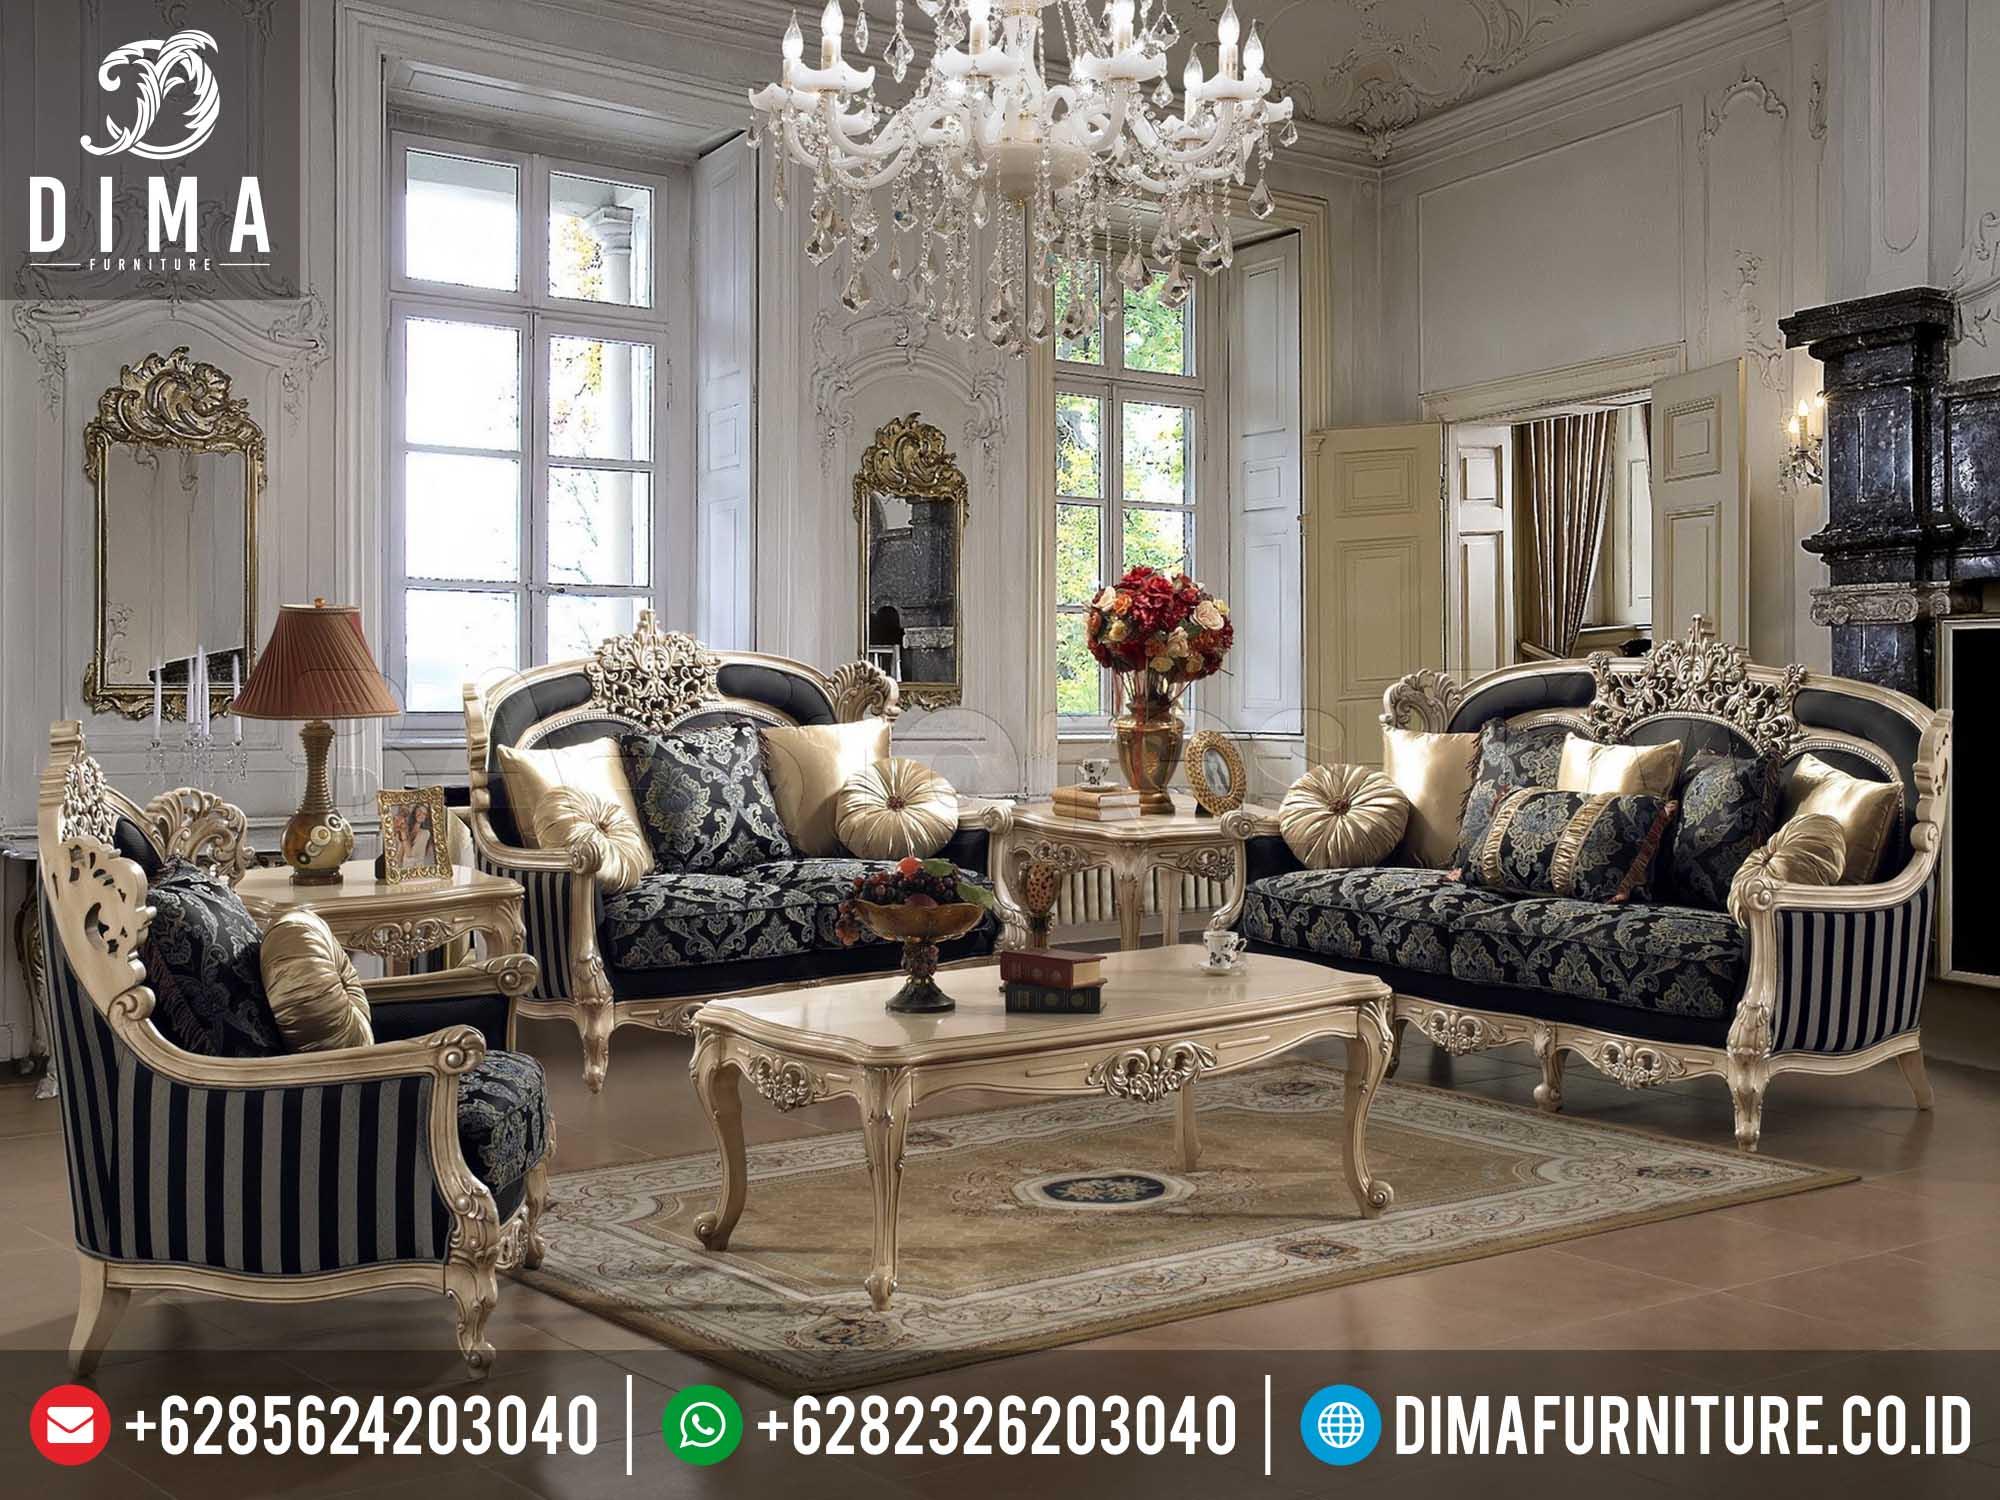 Sofa Tamu Jepara Terbaru Mewah Best Seller Living Room Classic DF-0167